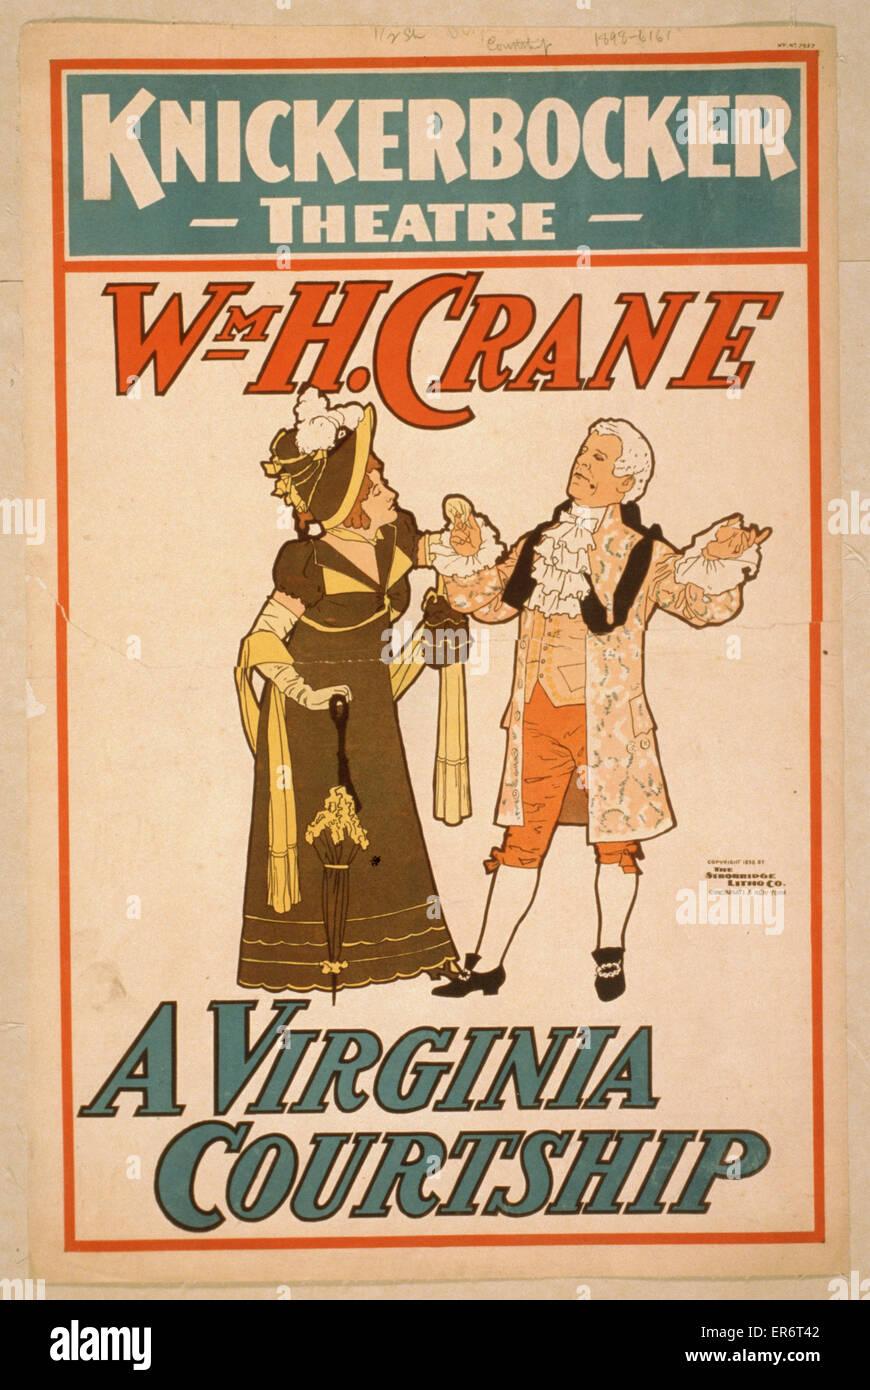 Wm. H. Crane. A Virginia courtship. Date c1898. - Stock Image